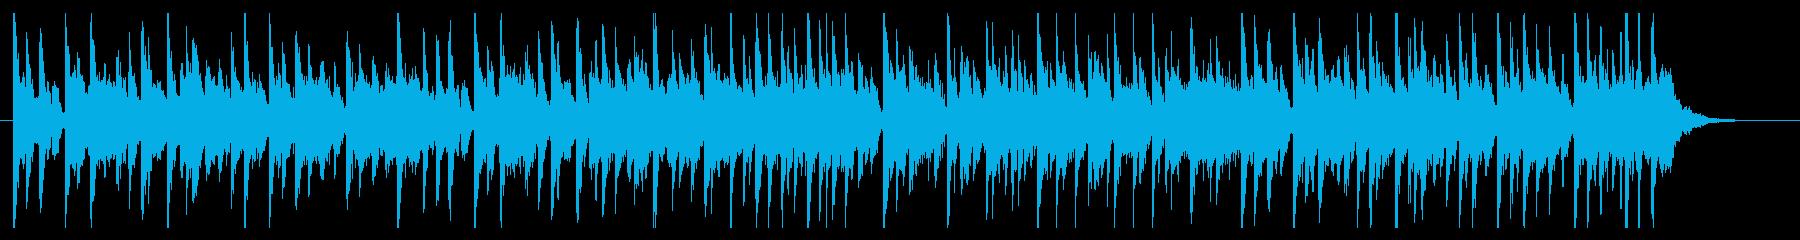 バラエティーのコーナータイトルの再生済みの波形